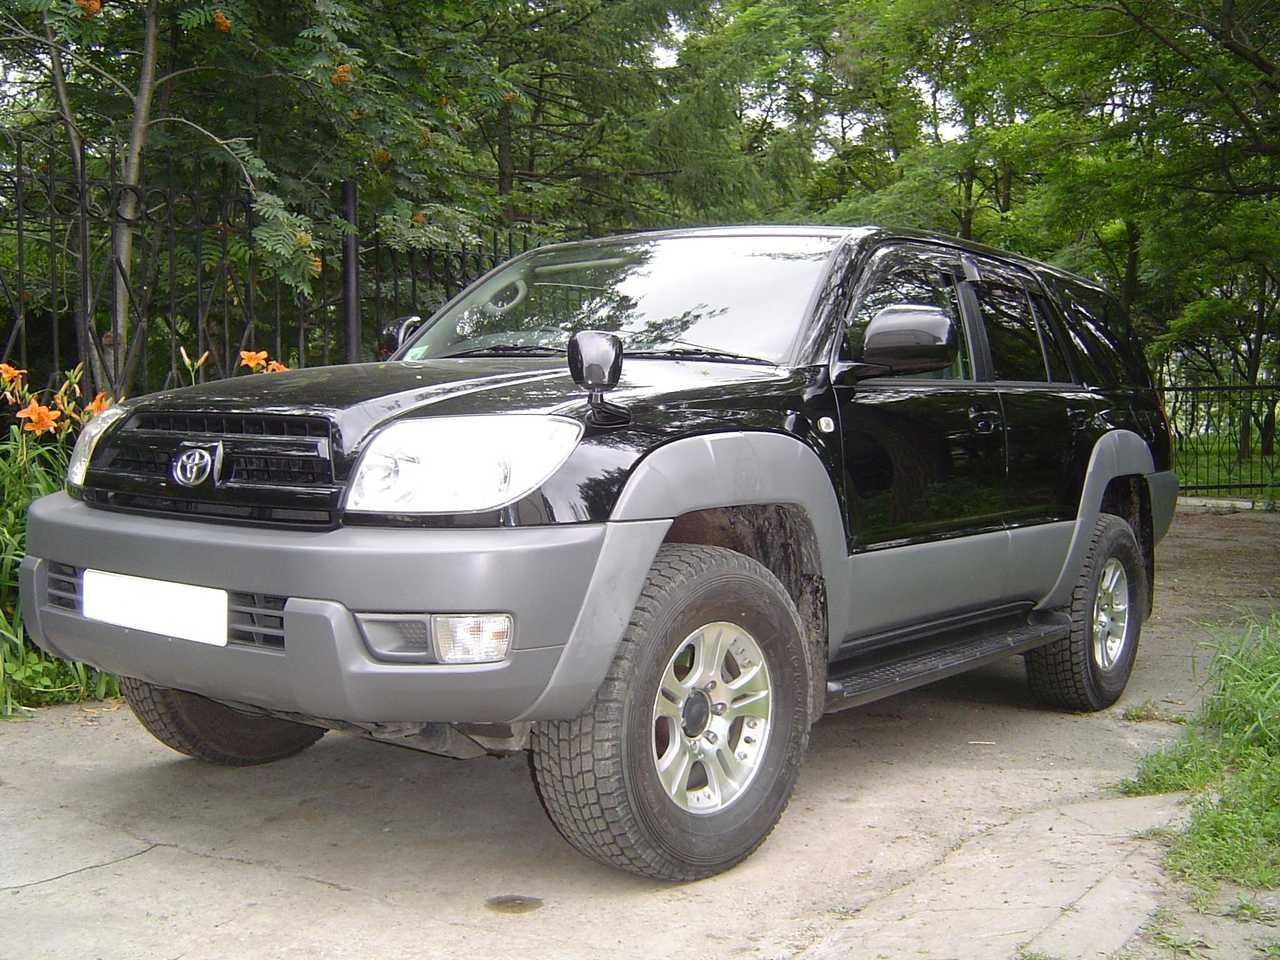 2004 Toyota Hilux Surf Specs  Engine Size 2700cm3  Fuel